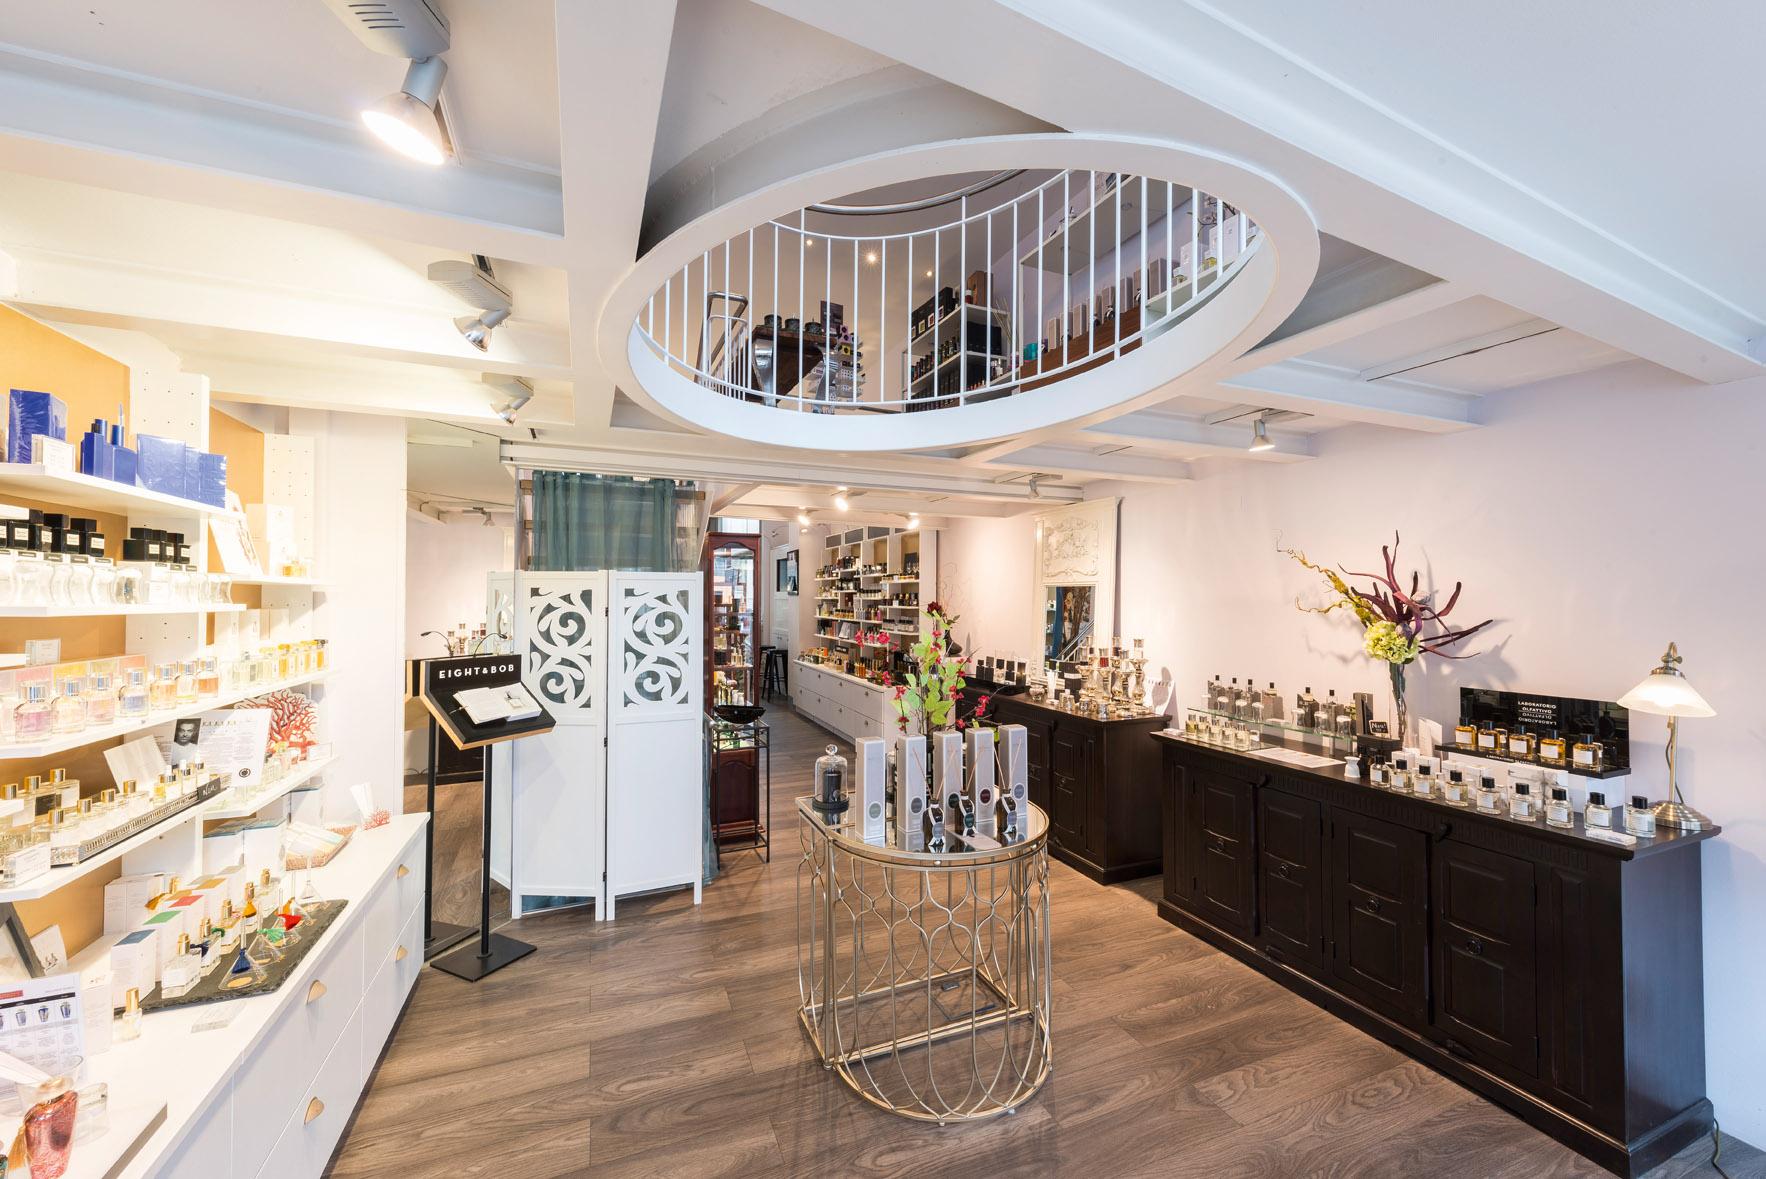 Galerie Parfum, der Concept Store am Trödelmarkt, führt Düfte besonderer Manufakturen.